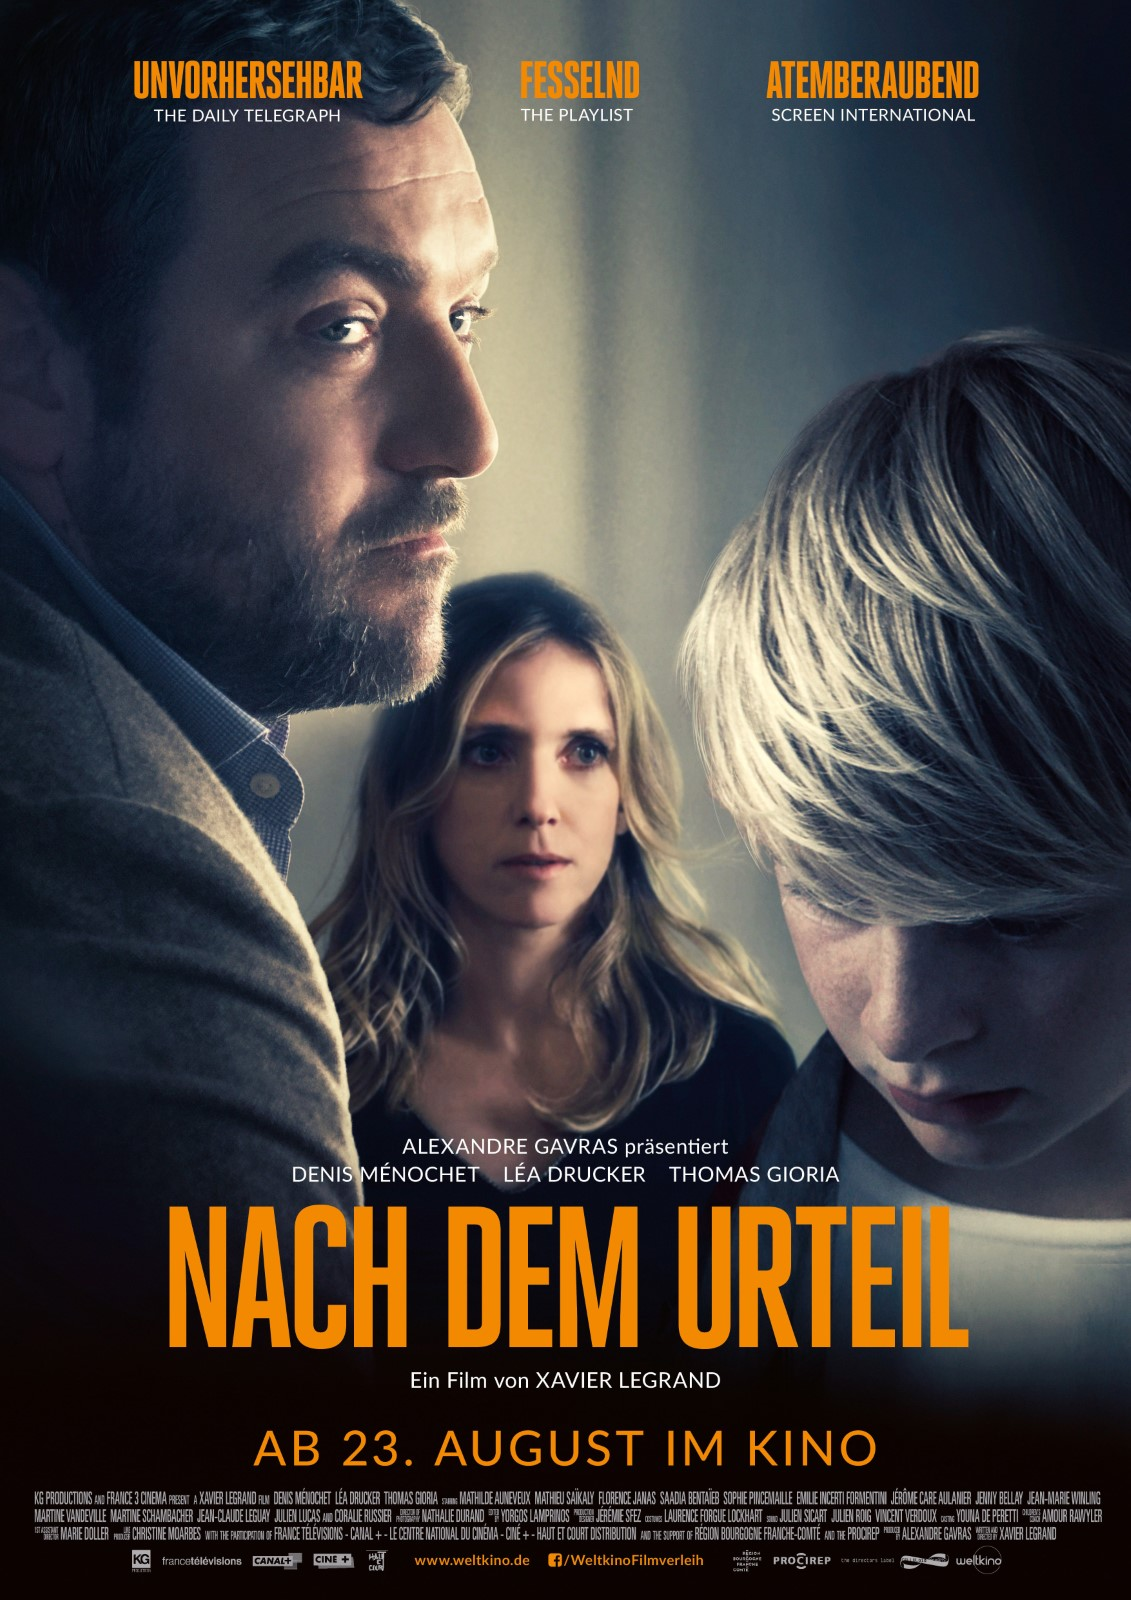 Nach dem Urteil - Die Filmstarts-Kritik auf FILMSTARTS.de  Nach dem Urteil...